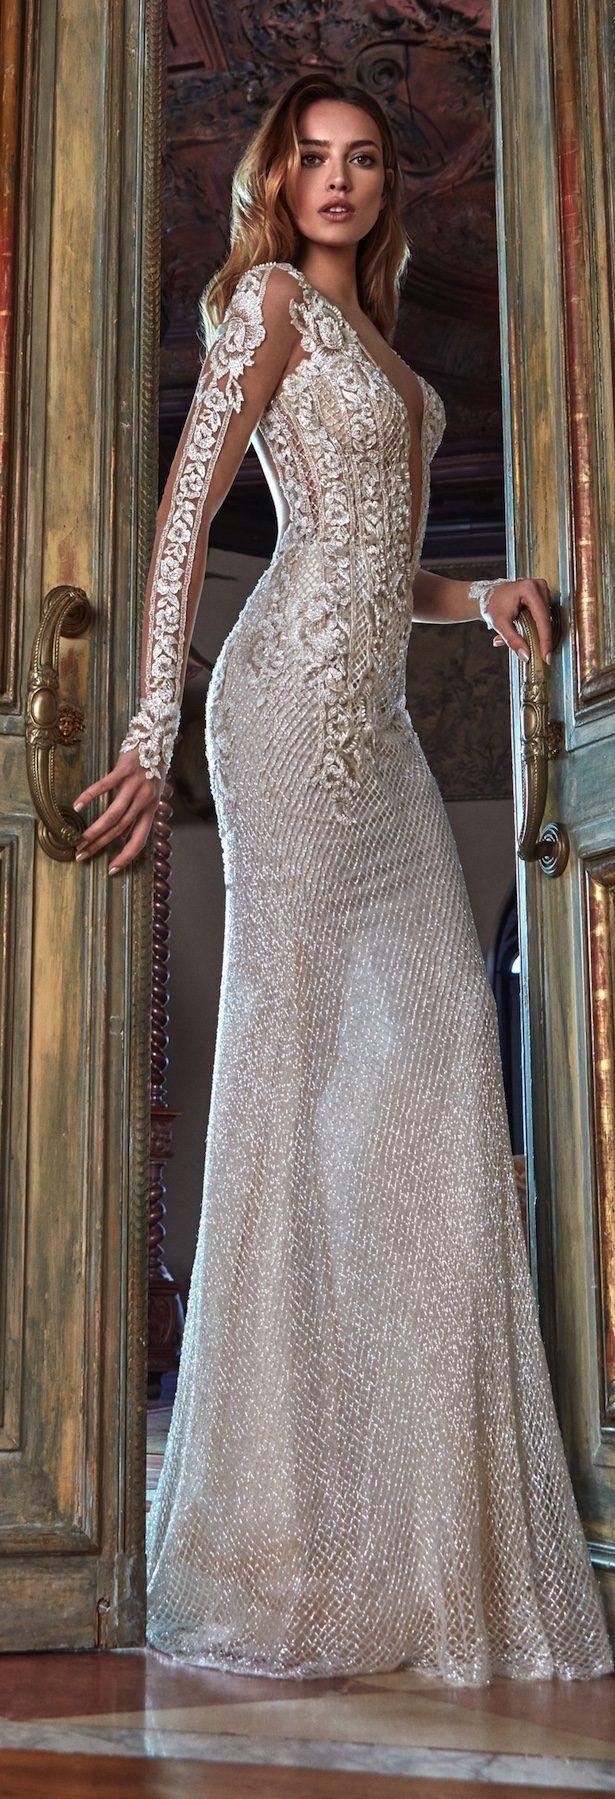 Galia lahav spring collection galia lahav wedding dress and